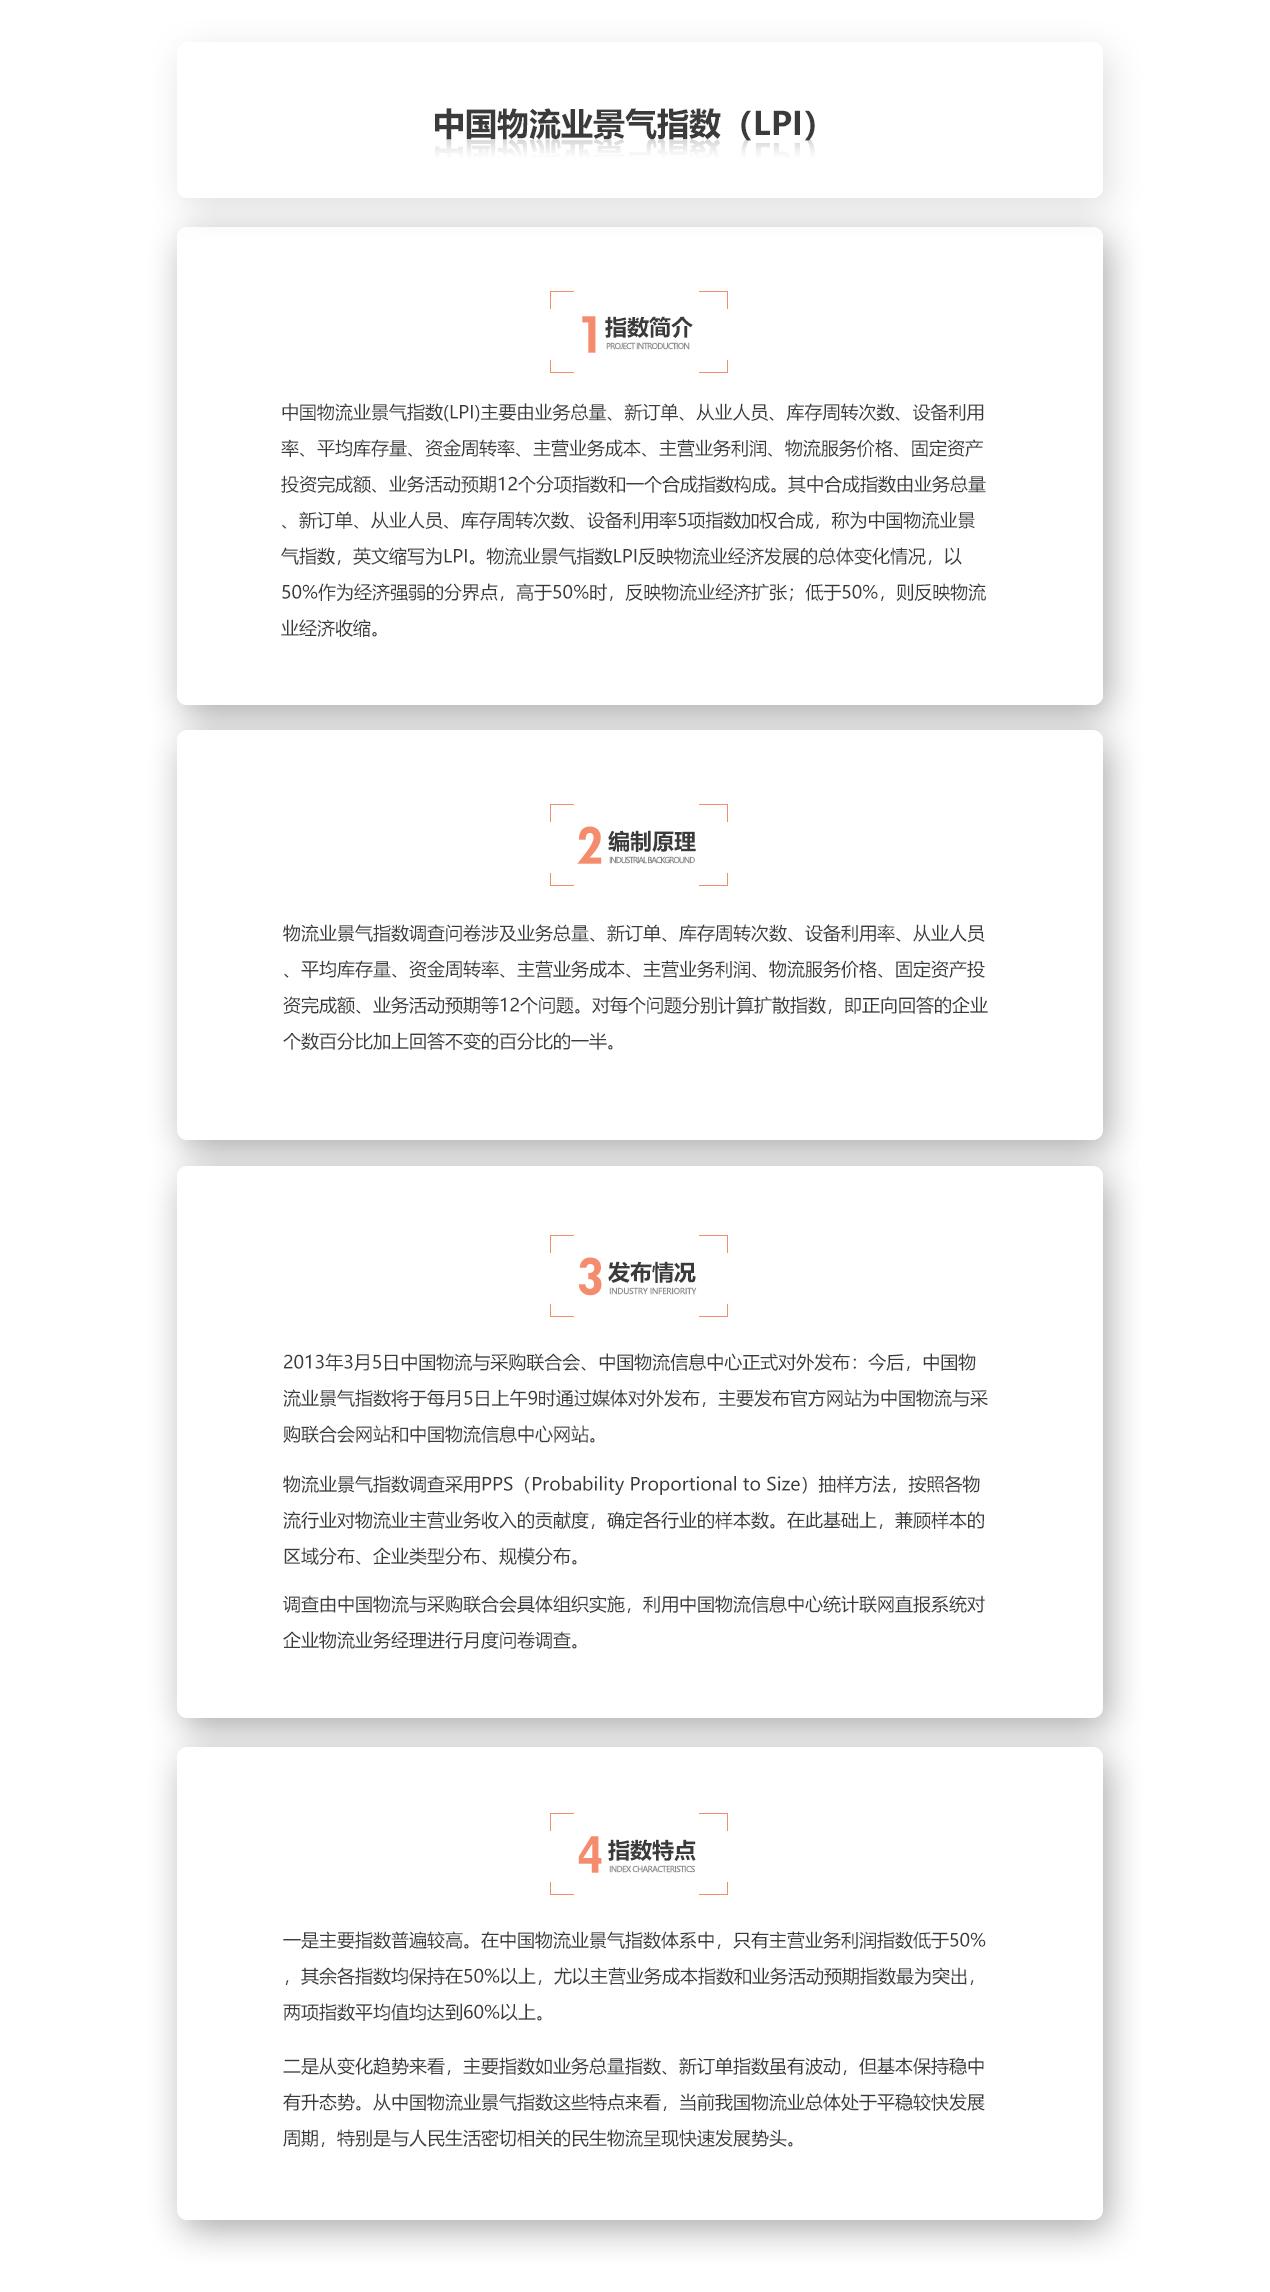 中国物流业景气指数(LPI).jpg